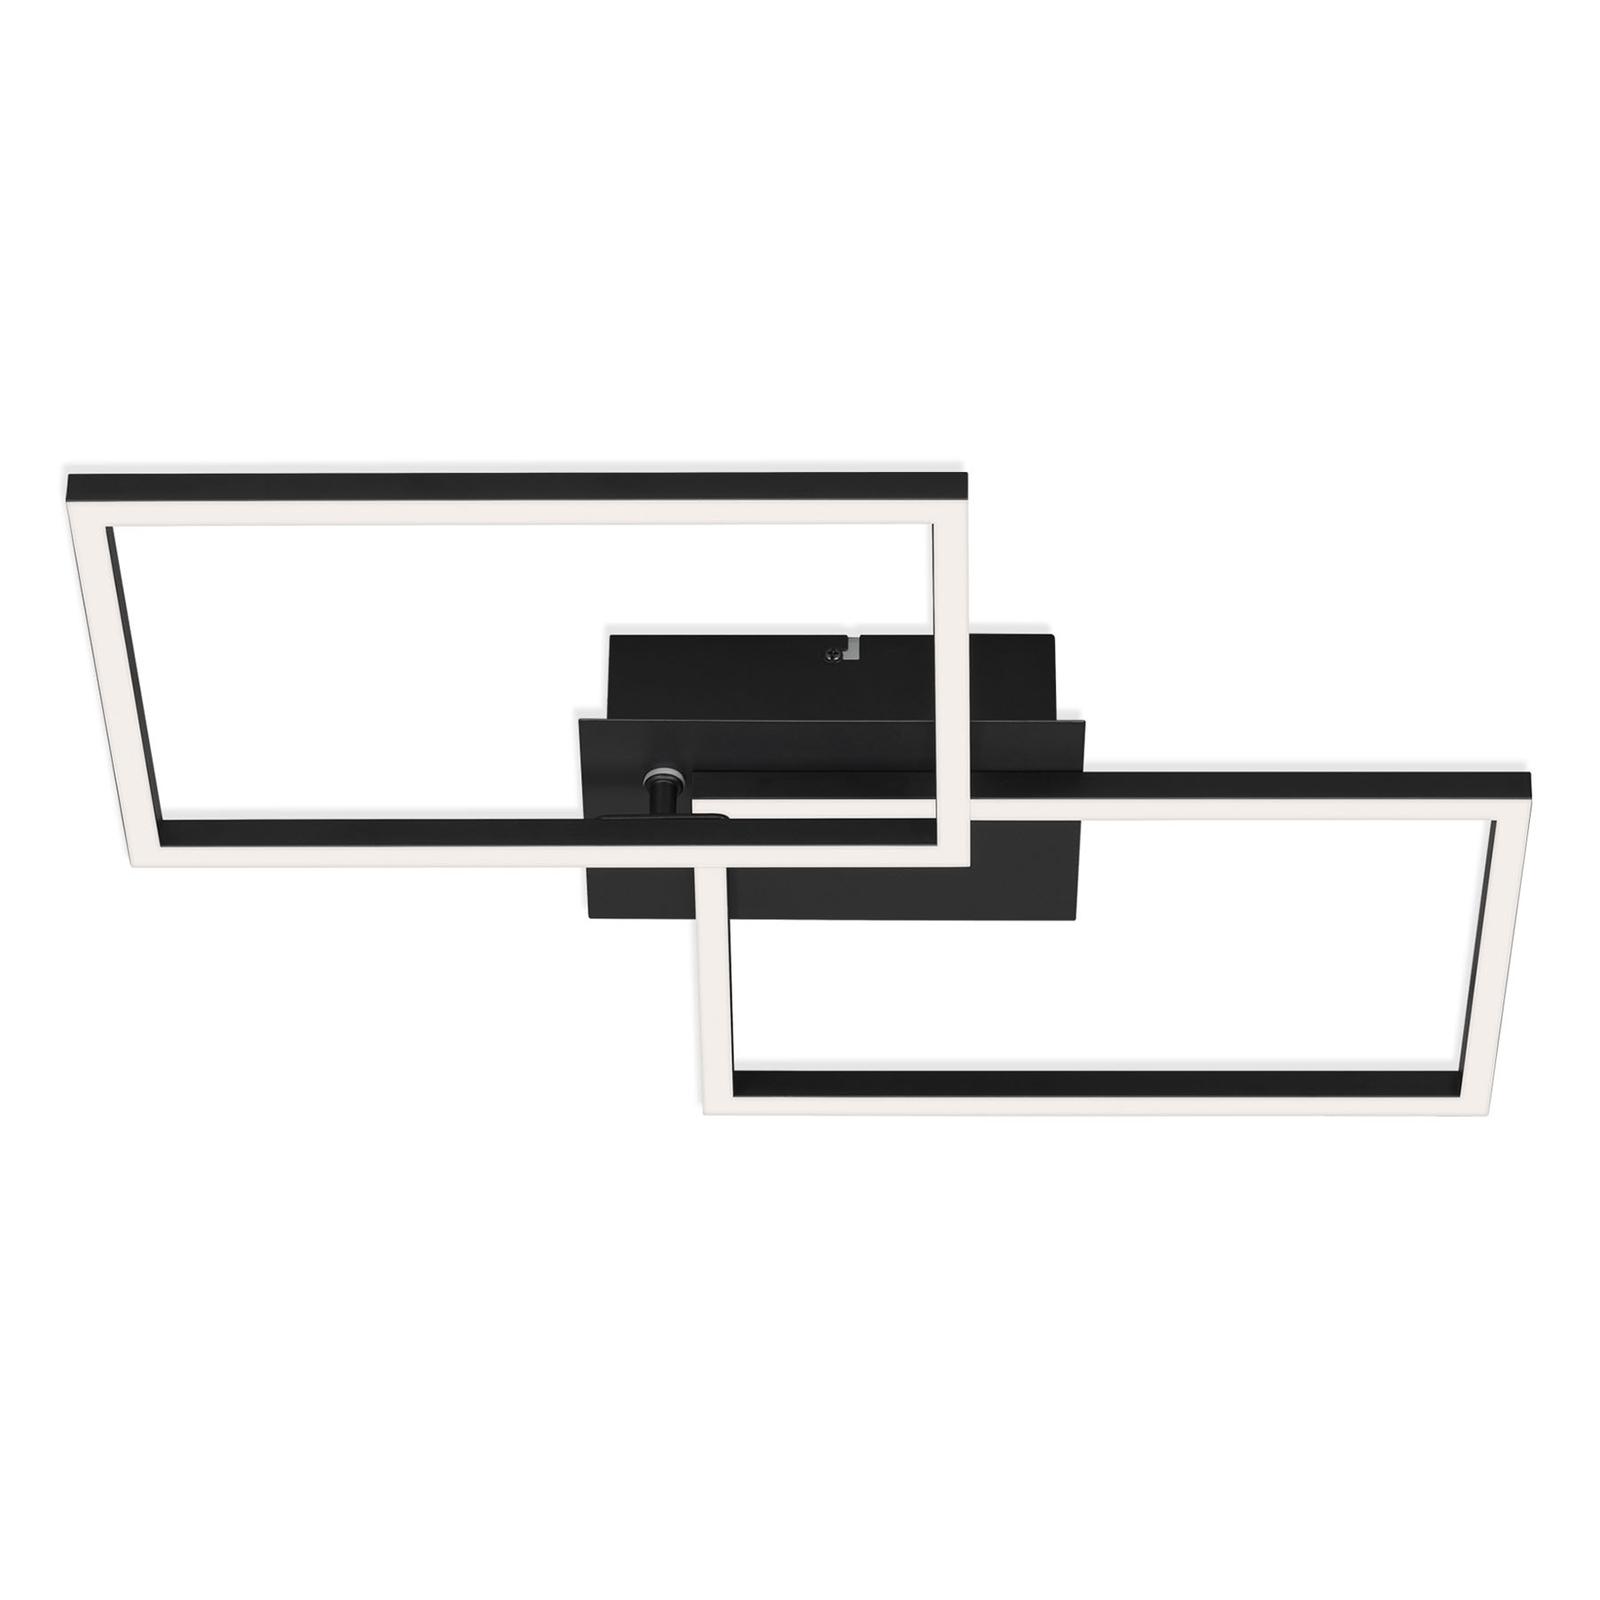 Plafonnier LED Frame CCT, noir, 50x39cm